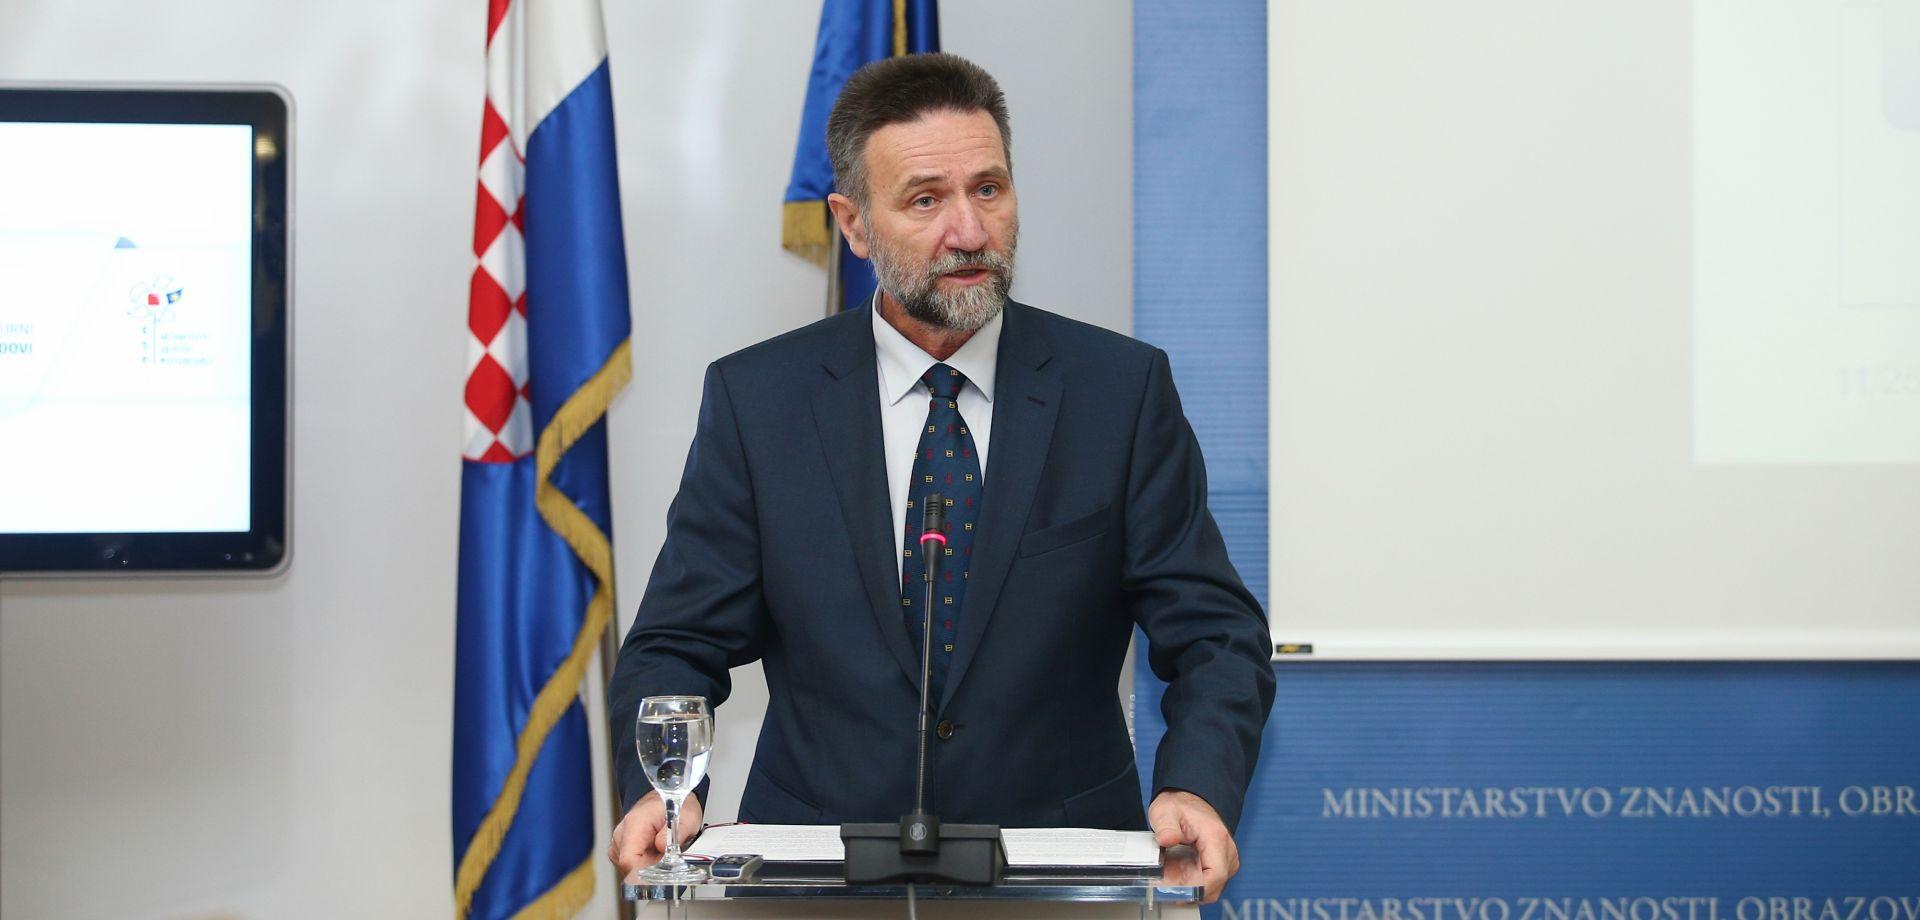 Ministarstvo znanosti i obrazovanja očitovalo se povodom Đikićevog odlaska iz Hrvatske